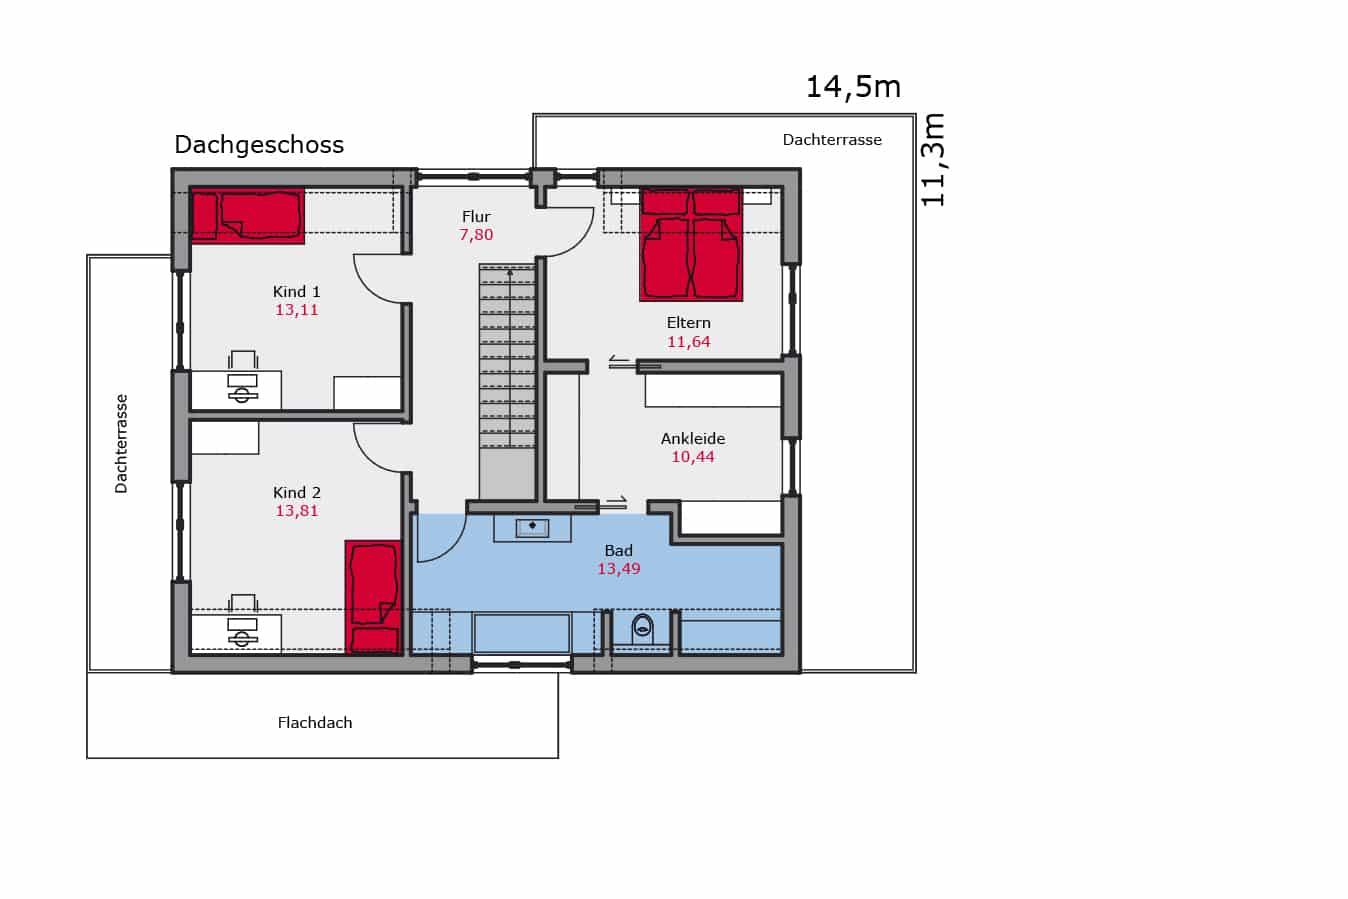 Haus142_Grundriss_Dachgeschoss_Zweifamilienhaus